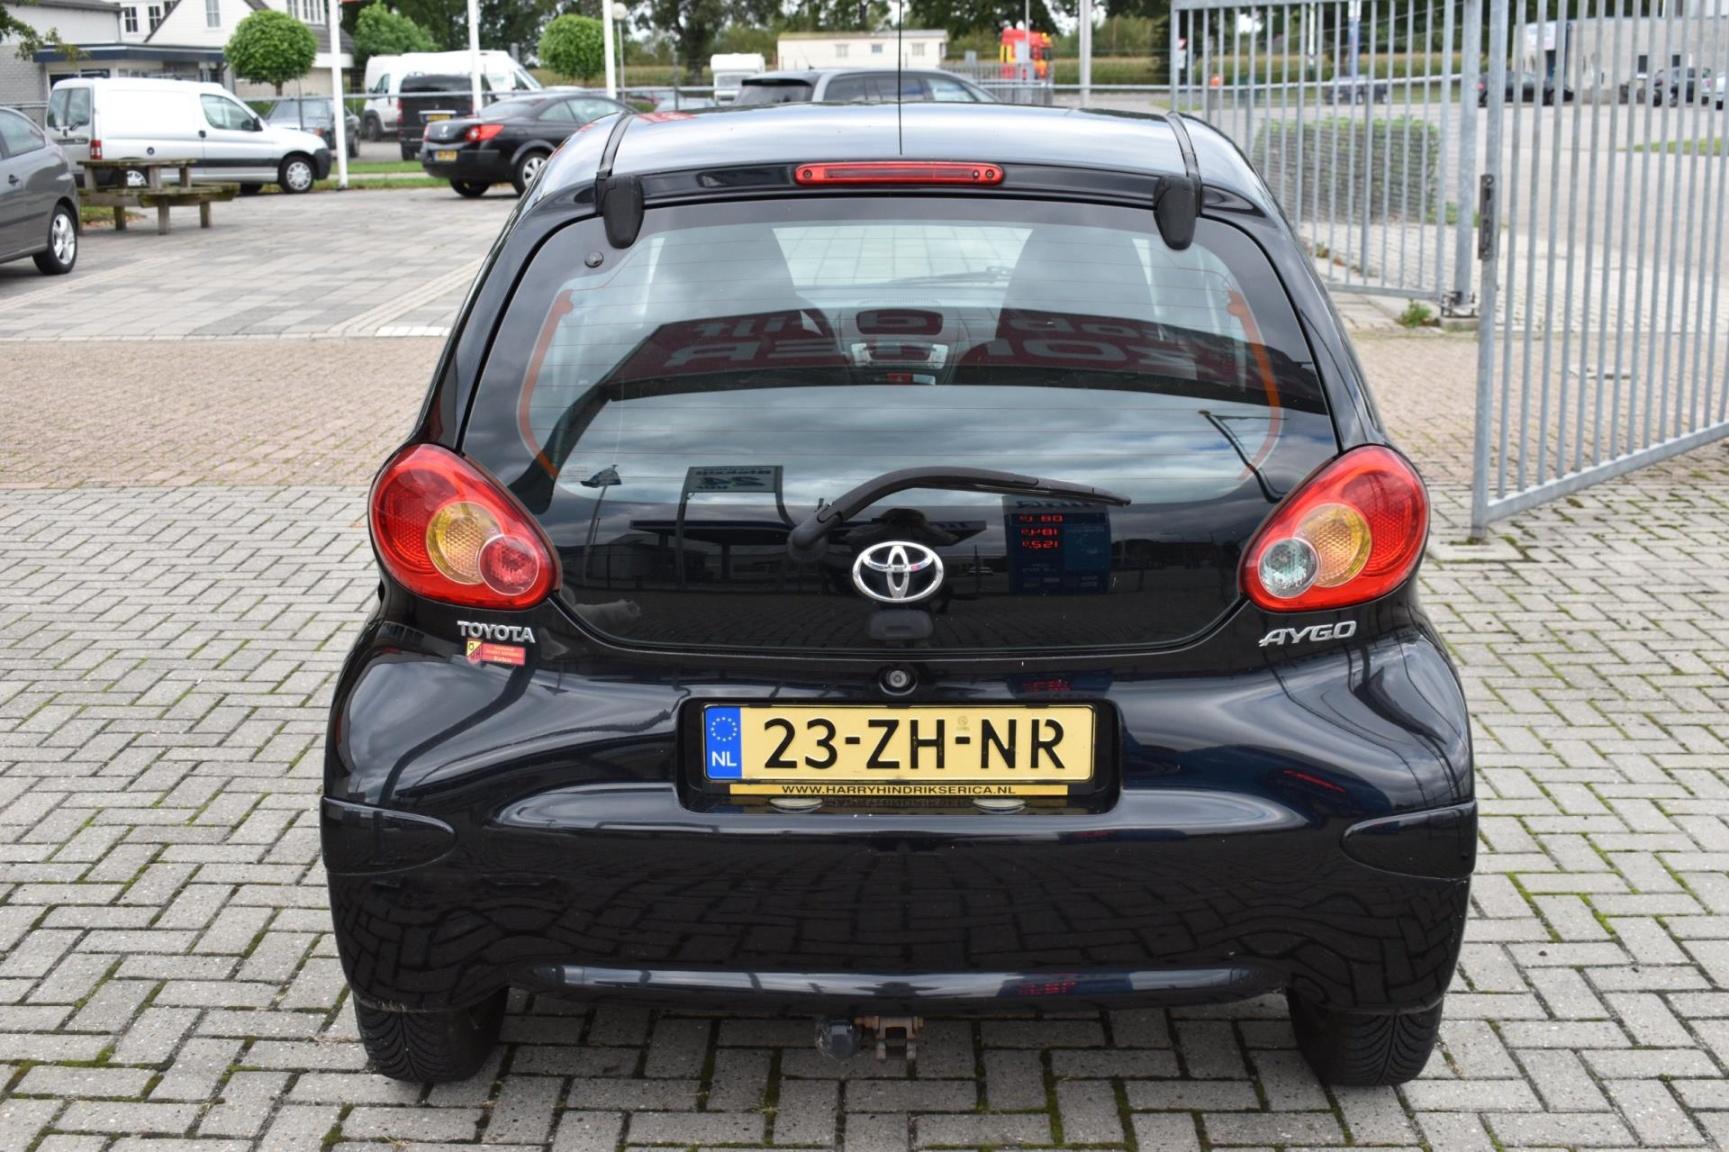 Toyota-Aygo-2